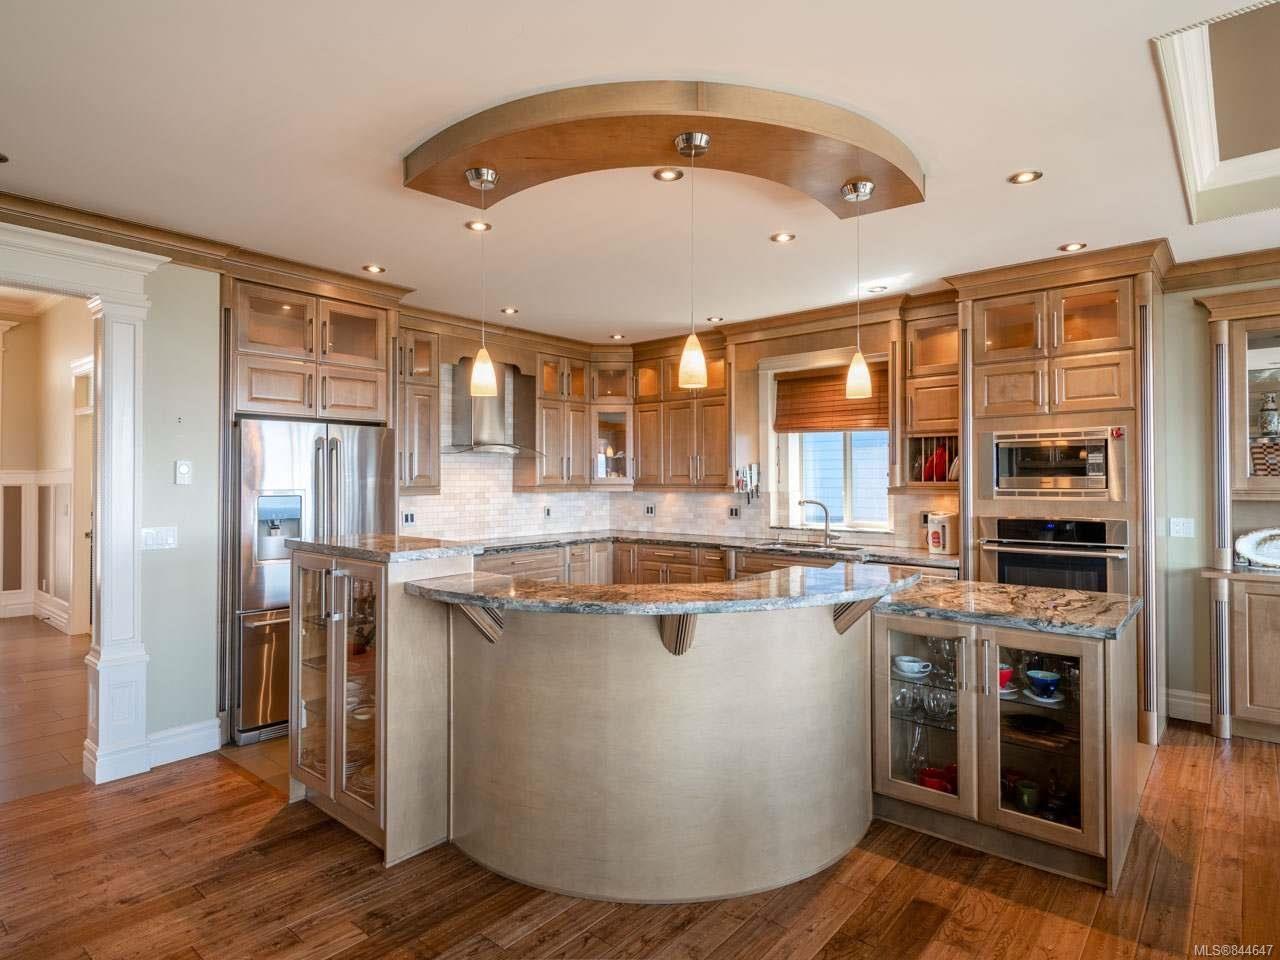 Photo 8: Photos: 4576 Laguna Way in NANAIMO: Na North Nanaimo House for sale (Nanaimo)  : MLS®# 844647